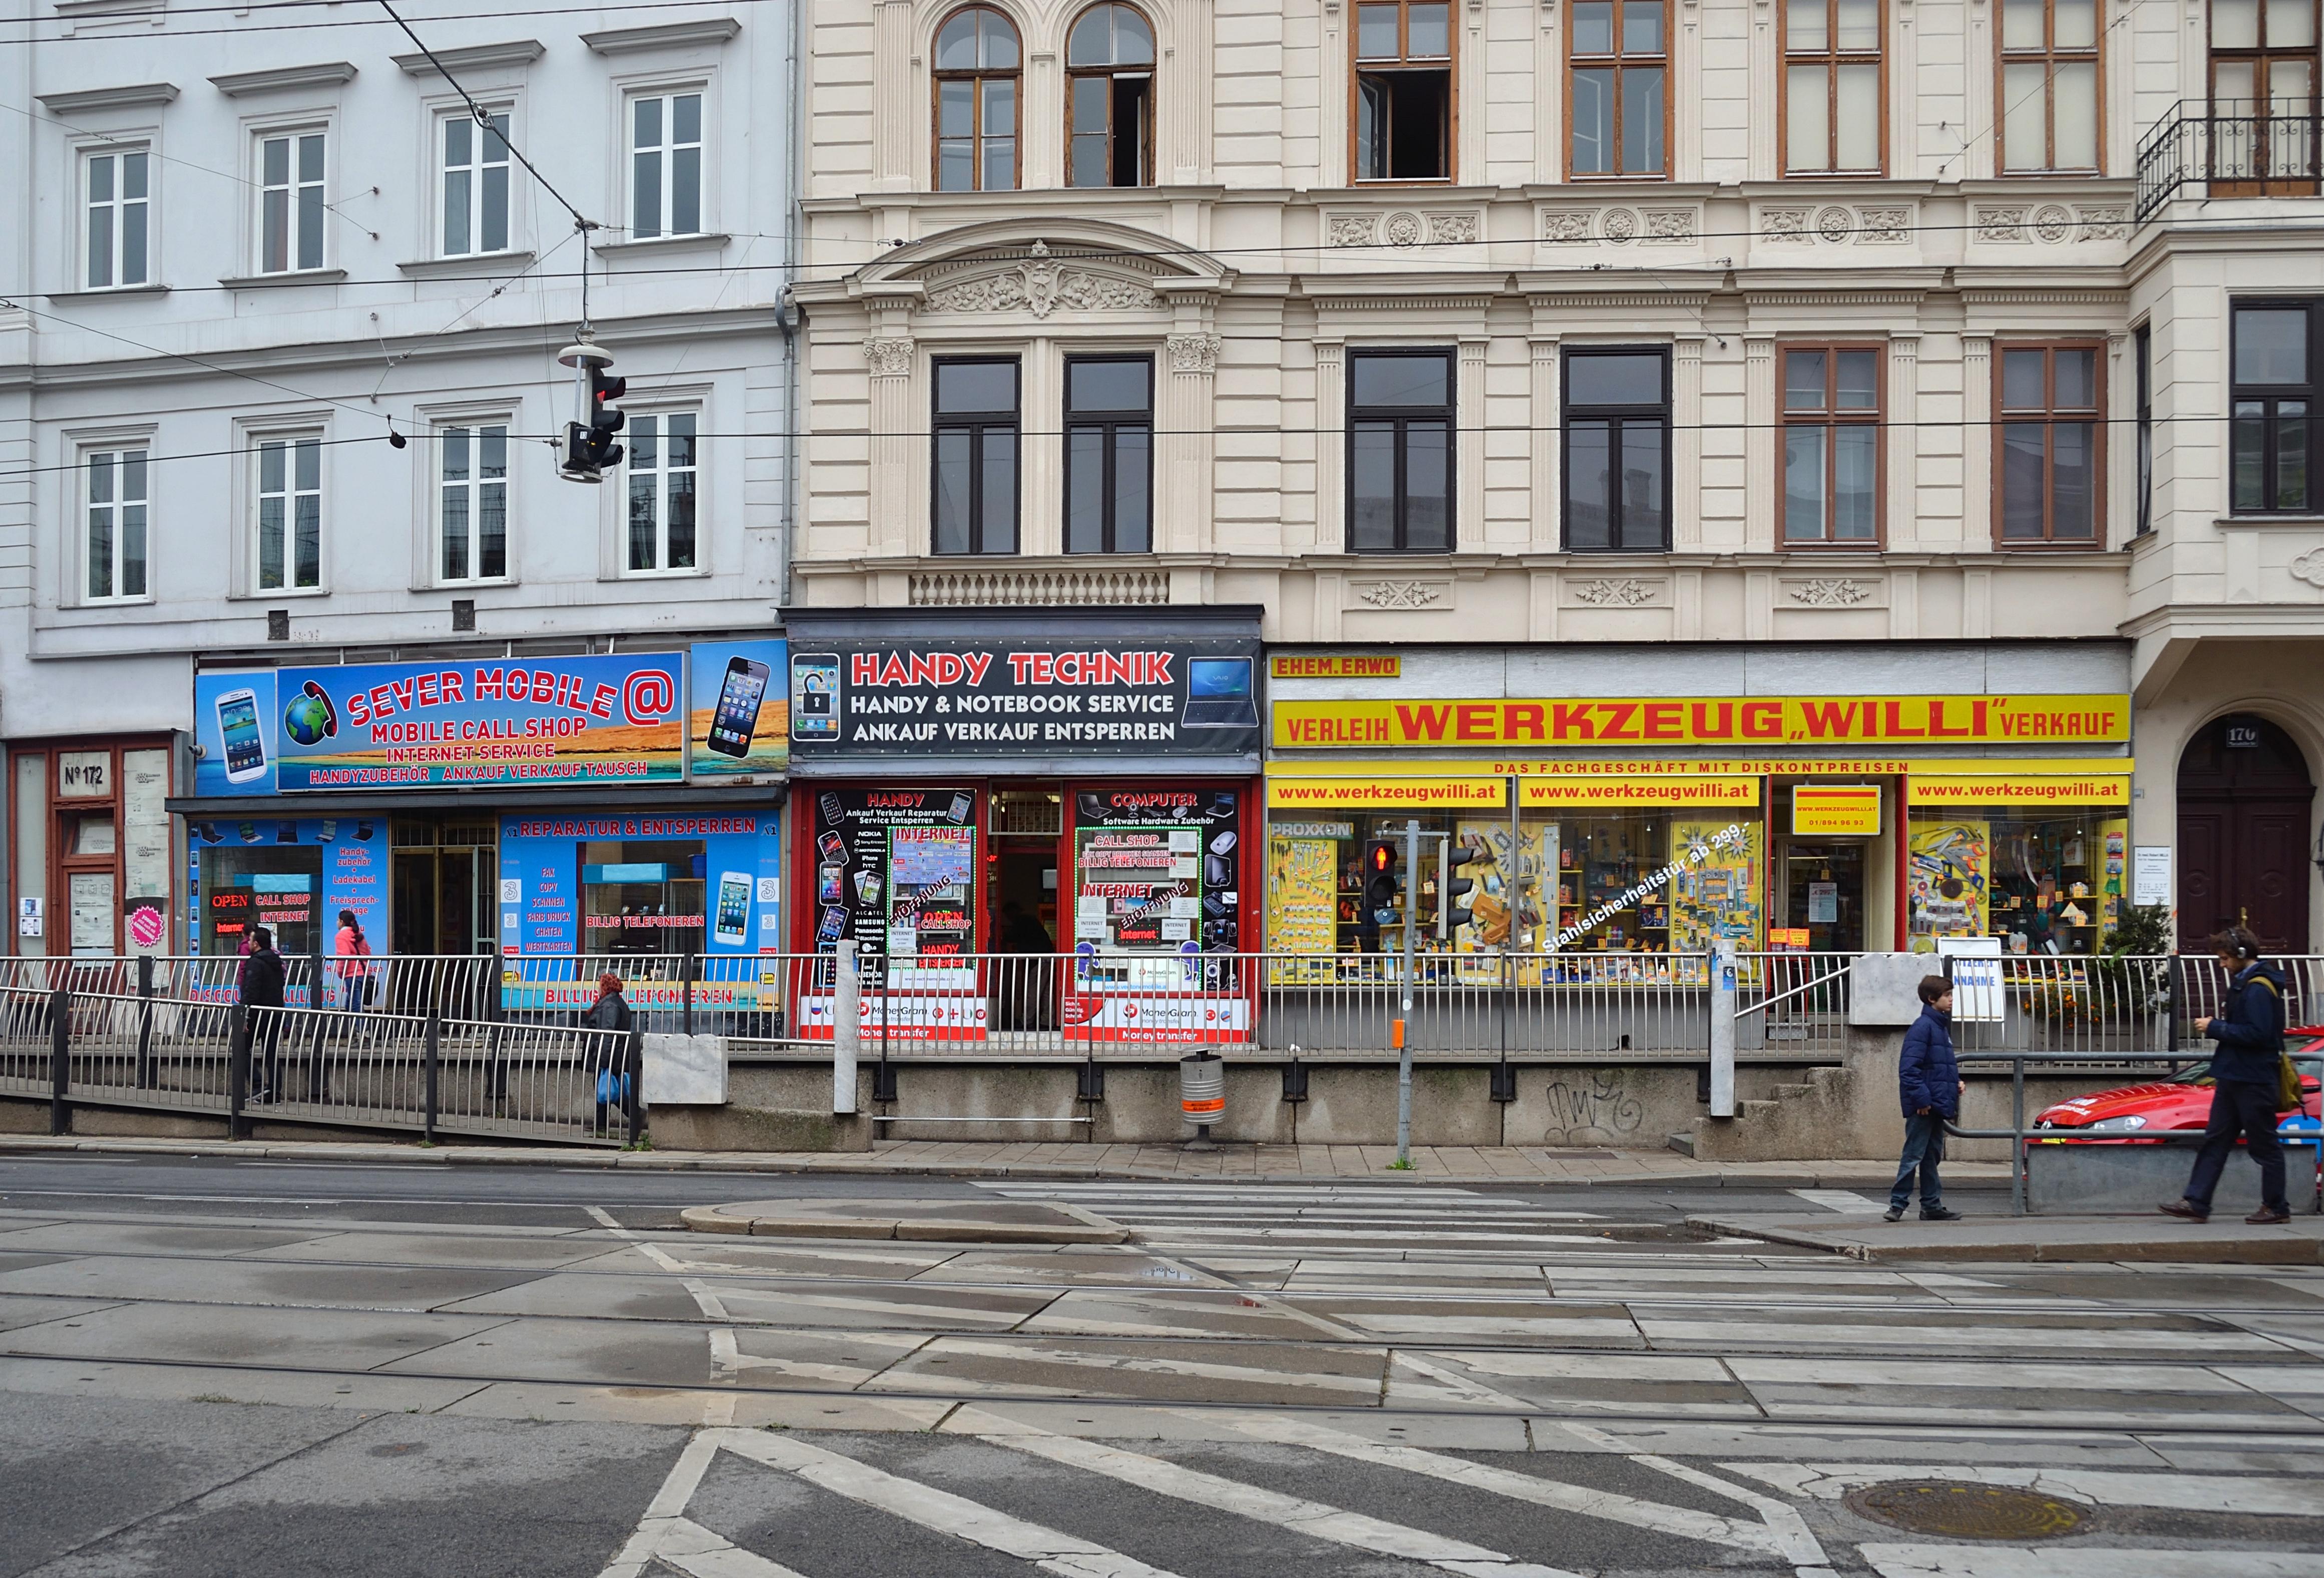 FileÄußere Mariahilferstraße  Werkzeug Willijpg  Wikimedia Commons # Vintage Möbel Vienna